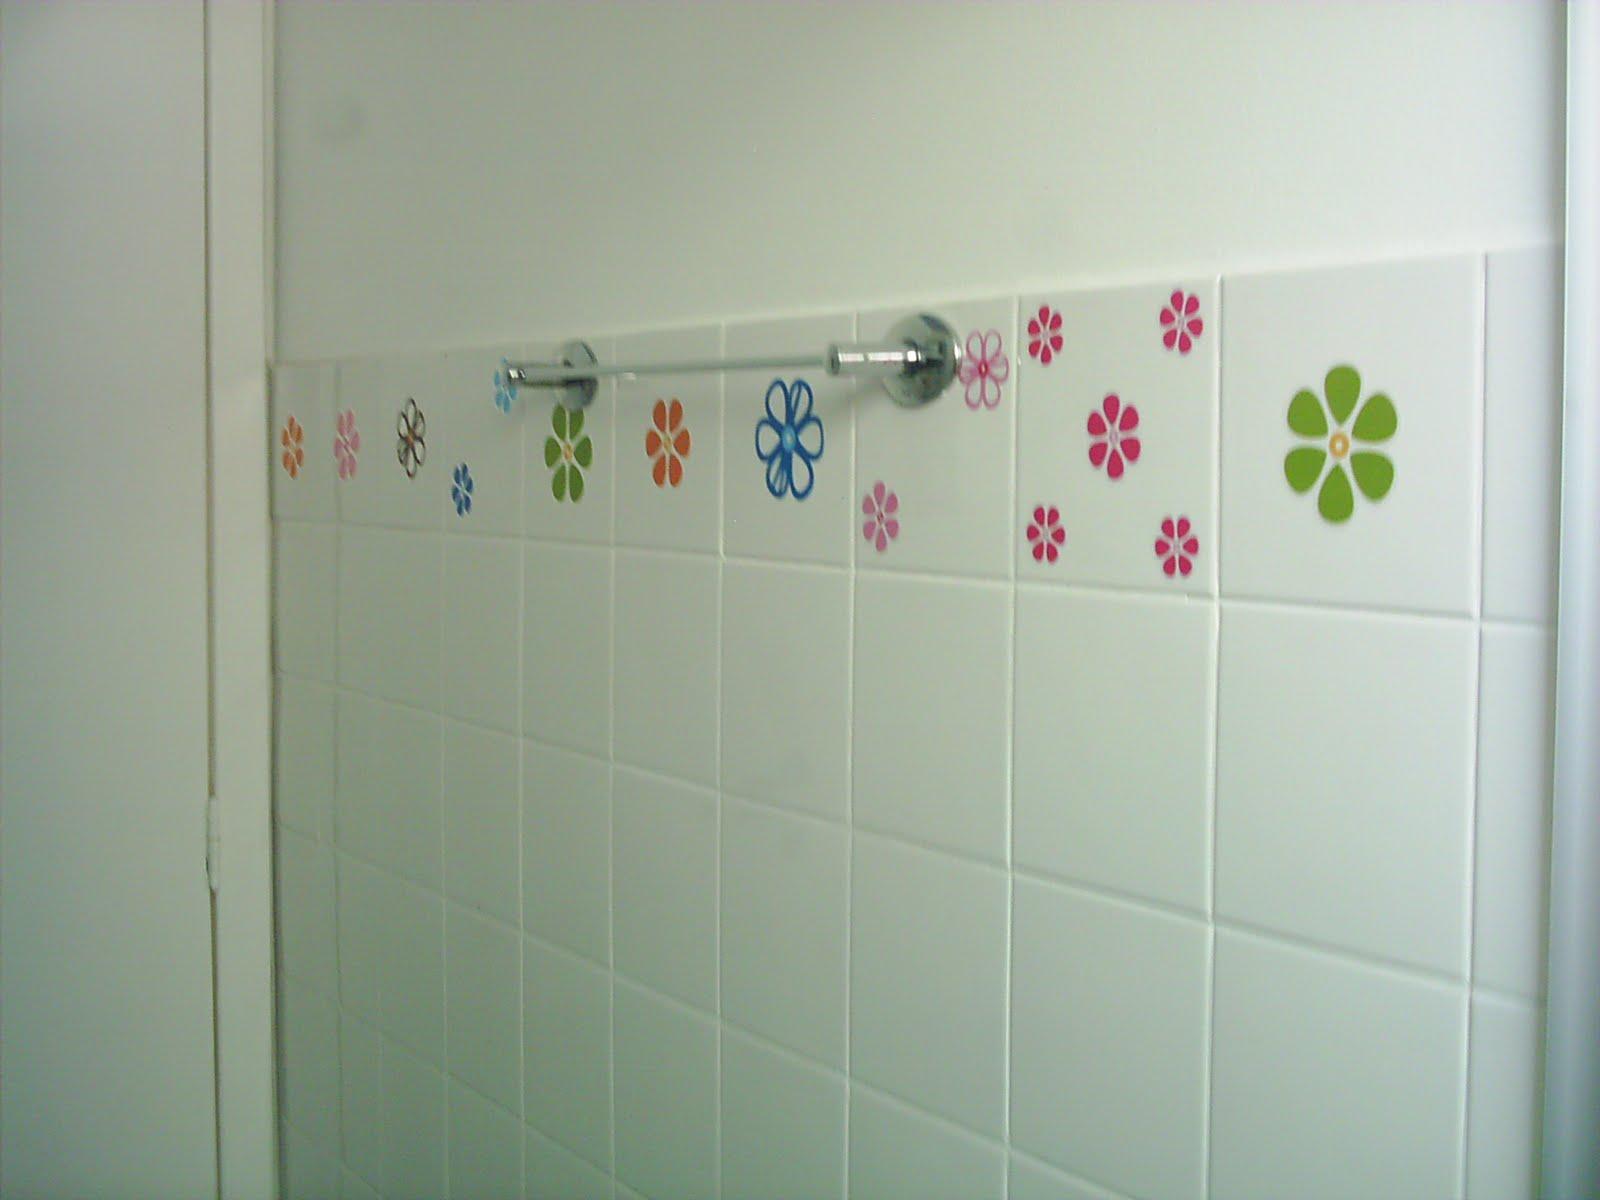 no azulejo do banheiro para dar uma cor o que vocês acharam #943738 1600x1200 Banheiro Azulejo Ou Tinta